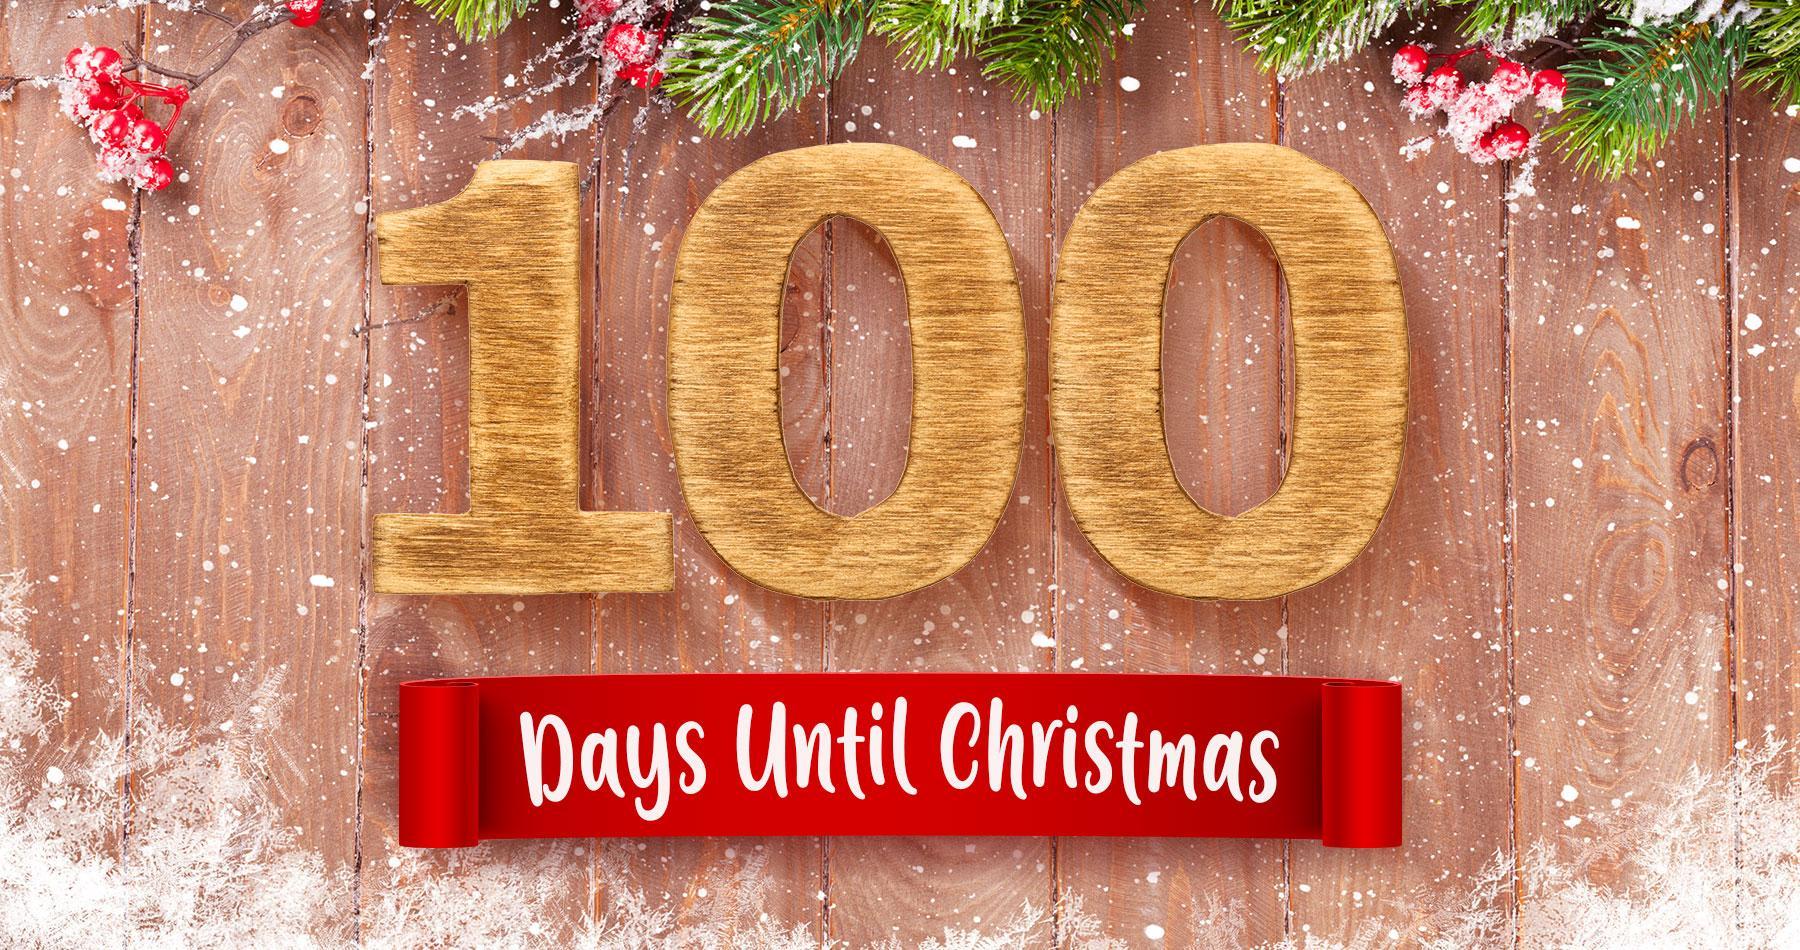 Earnshaws 100 Days Til Christmas Countdown